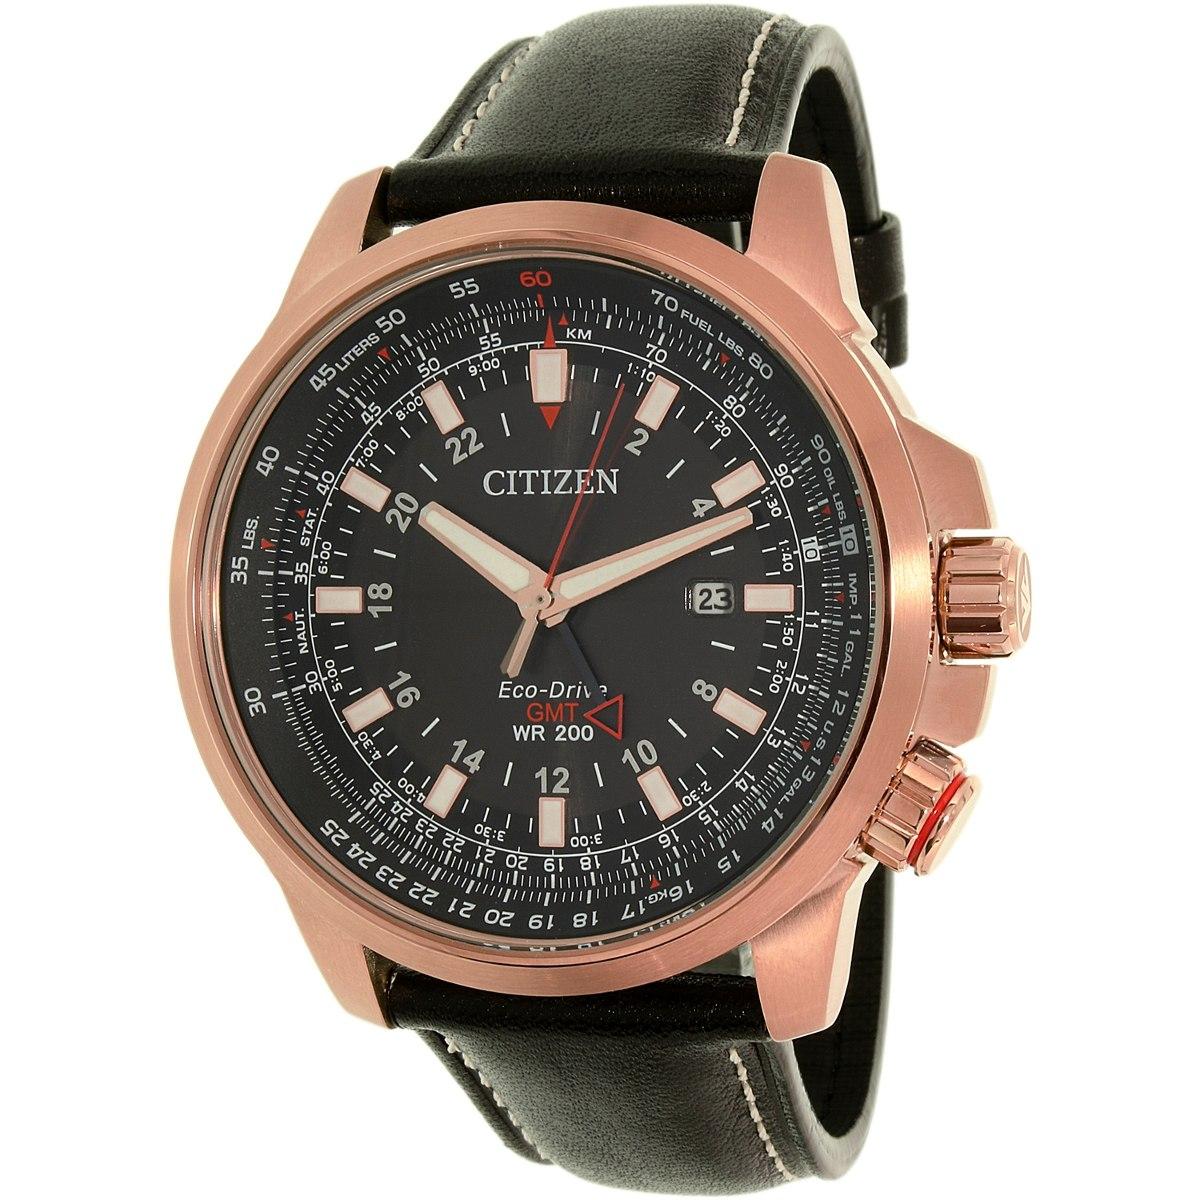 086d20ceee0 reloj citizen para hombre bj7073-08eeco-drive correa de. Cargando zoom.